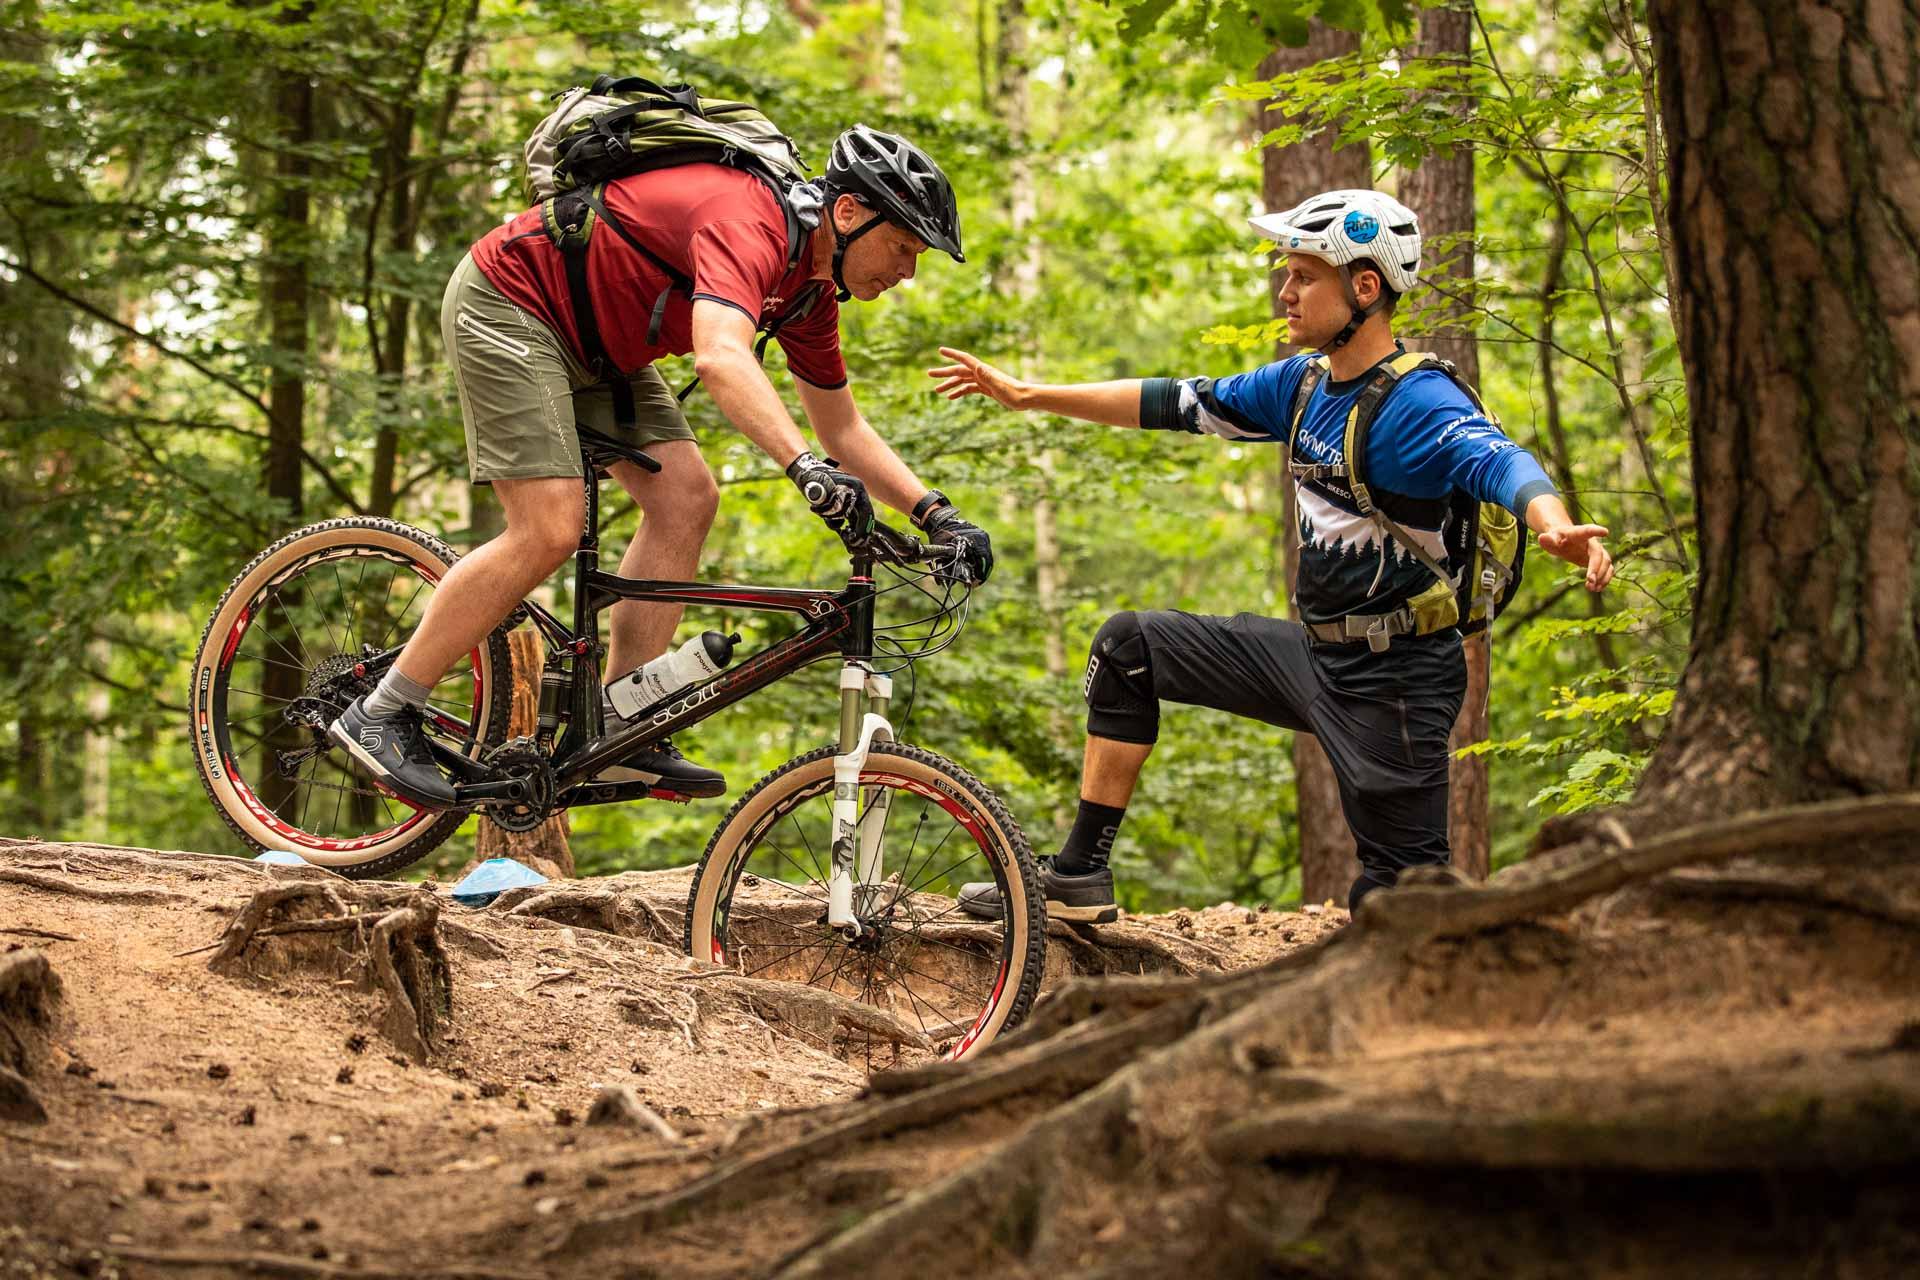 MTB Fahrtechnik Kurs für Einsteiger in Hamburg - Harburgerberge Norden - Mountainbike Basic - Rock my Trail Bikeschule